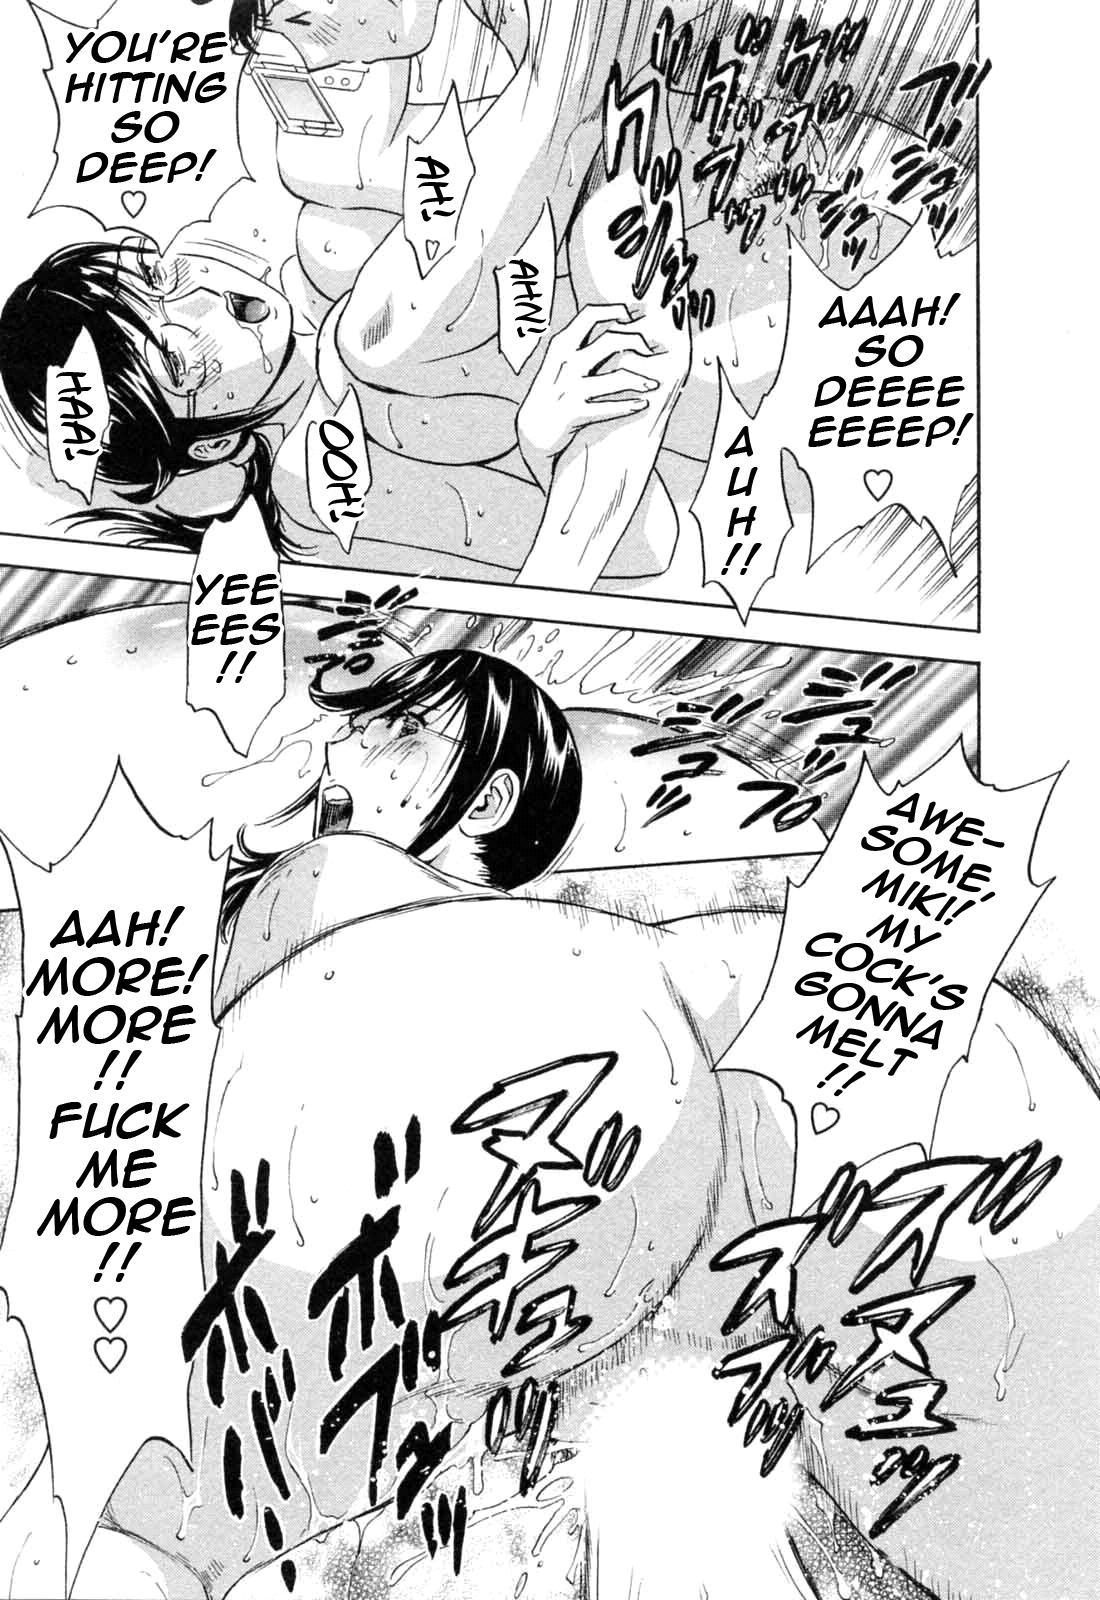 [Hidemaru] Mo-Retsu! Boin Sensei (Boing Boing Teacher) Vol.5 [English] [4dawgz] [Tadanohito] 108